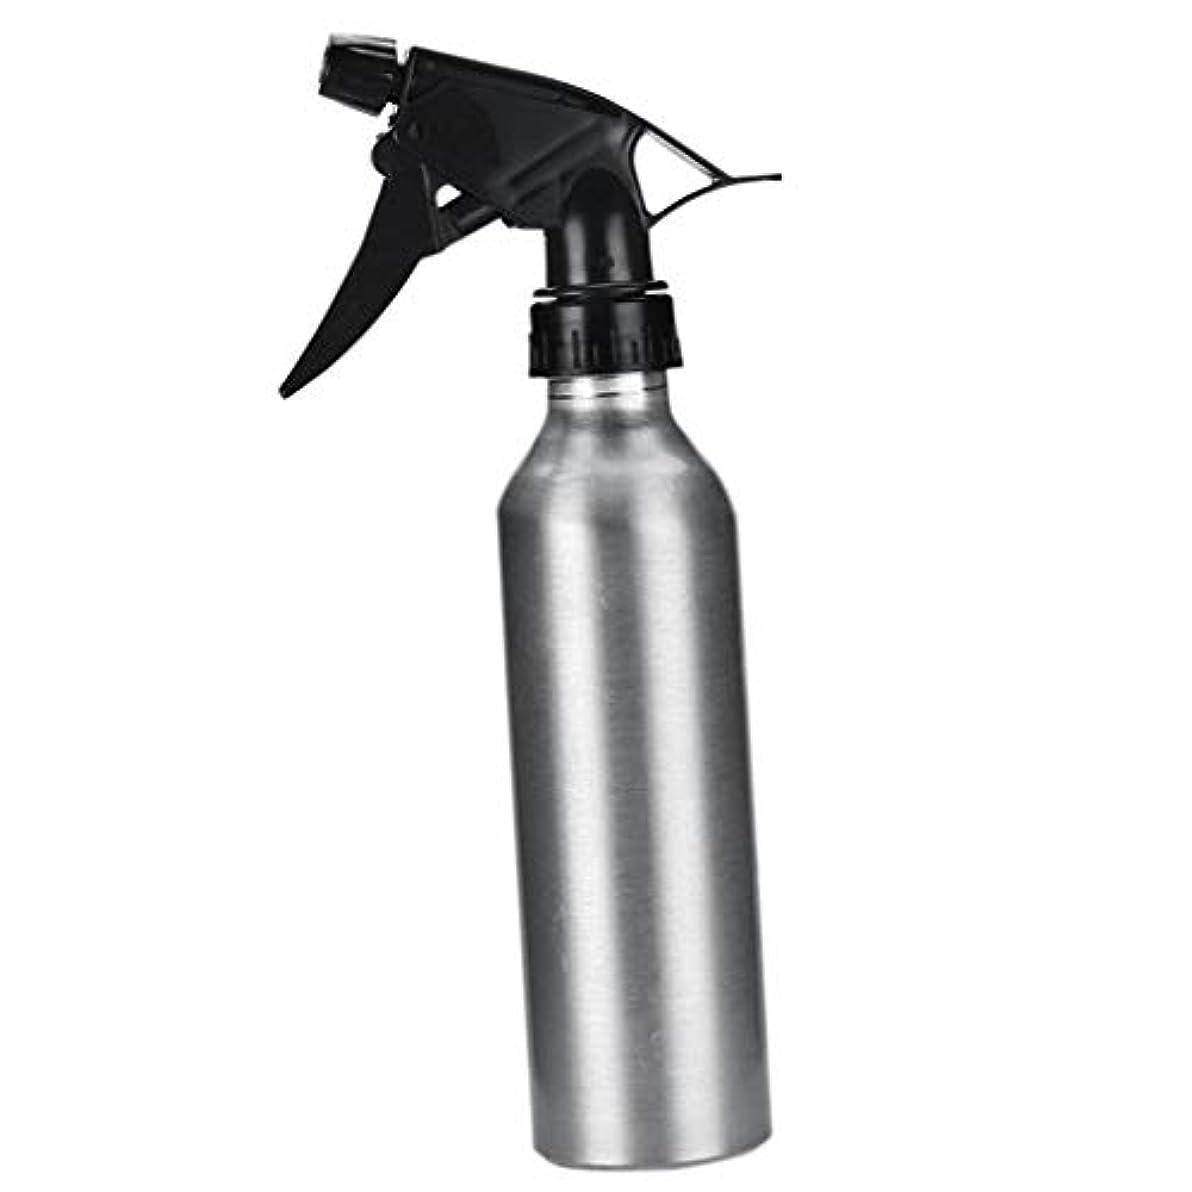 感情人類体細胞アルミ スプレーボトル 化粧品ボトル 霧吹き 詰め替え容器 漏れ防止 園芸料理用美髪師用噴霧器全2色 - 銀